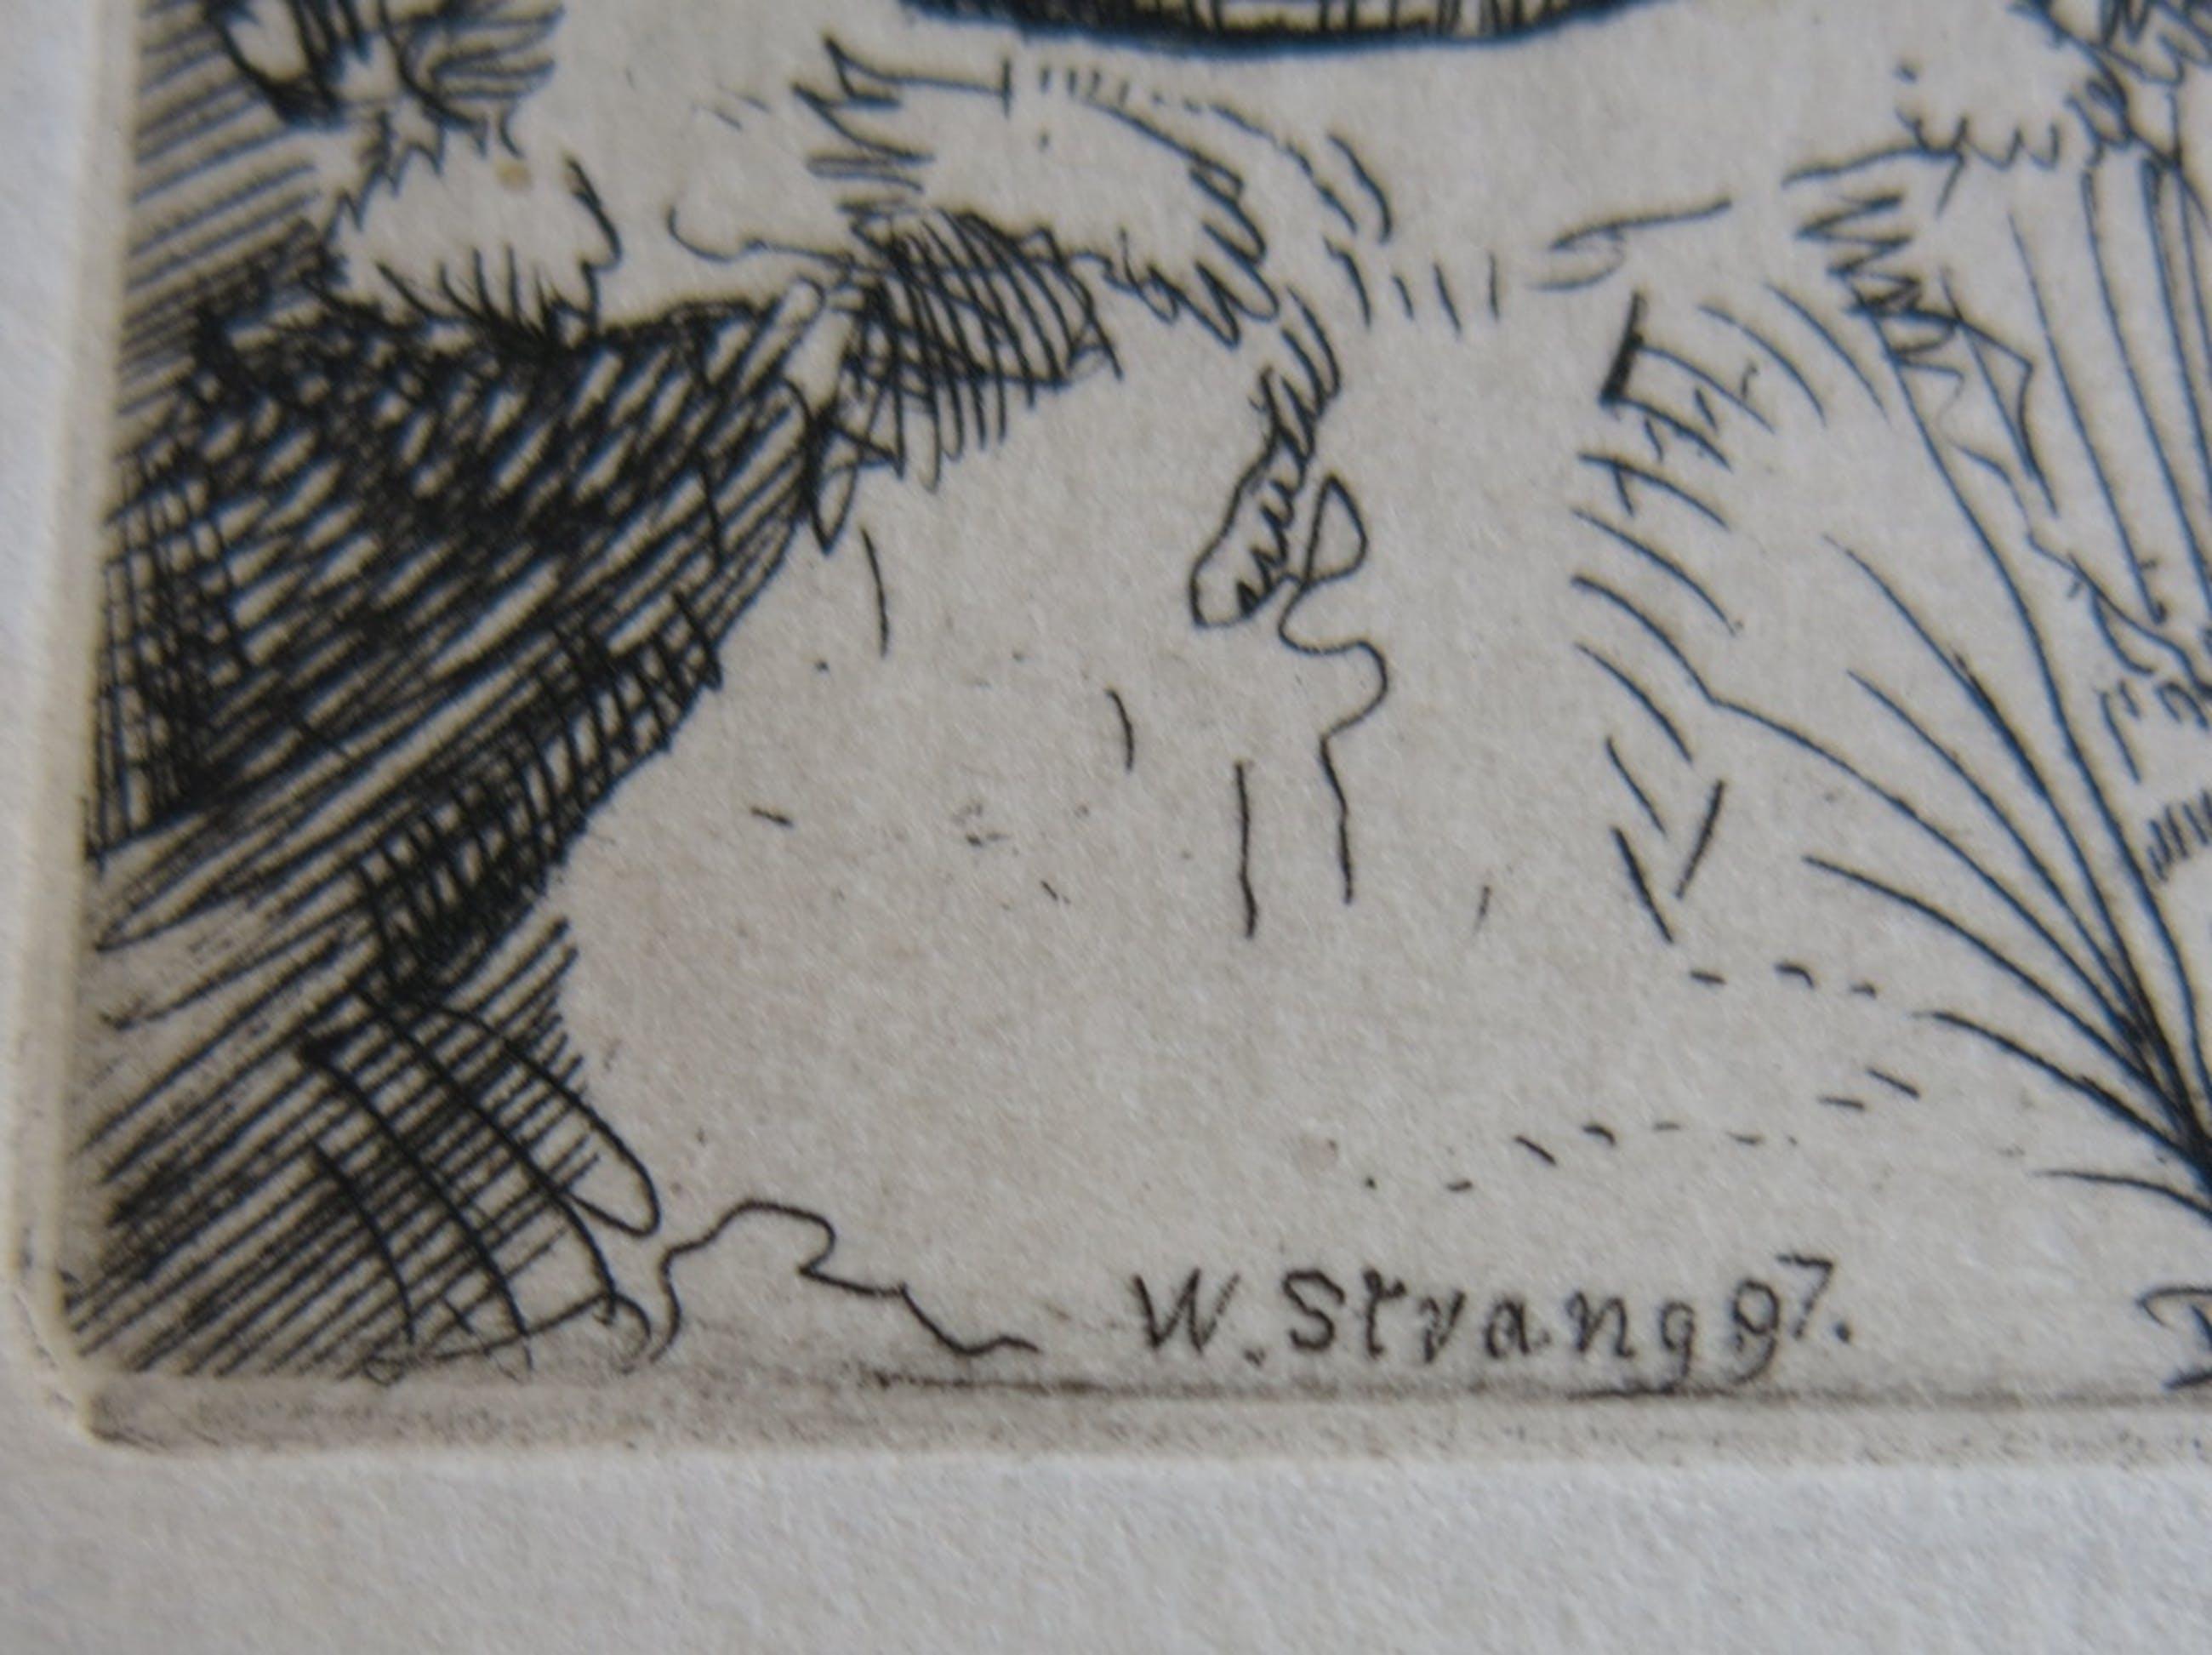 William Strang: Ets, Vrouw in landschap kopen? Bied vanaf 1!